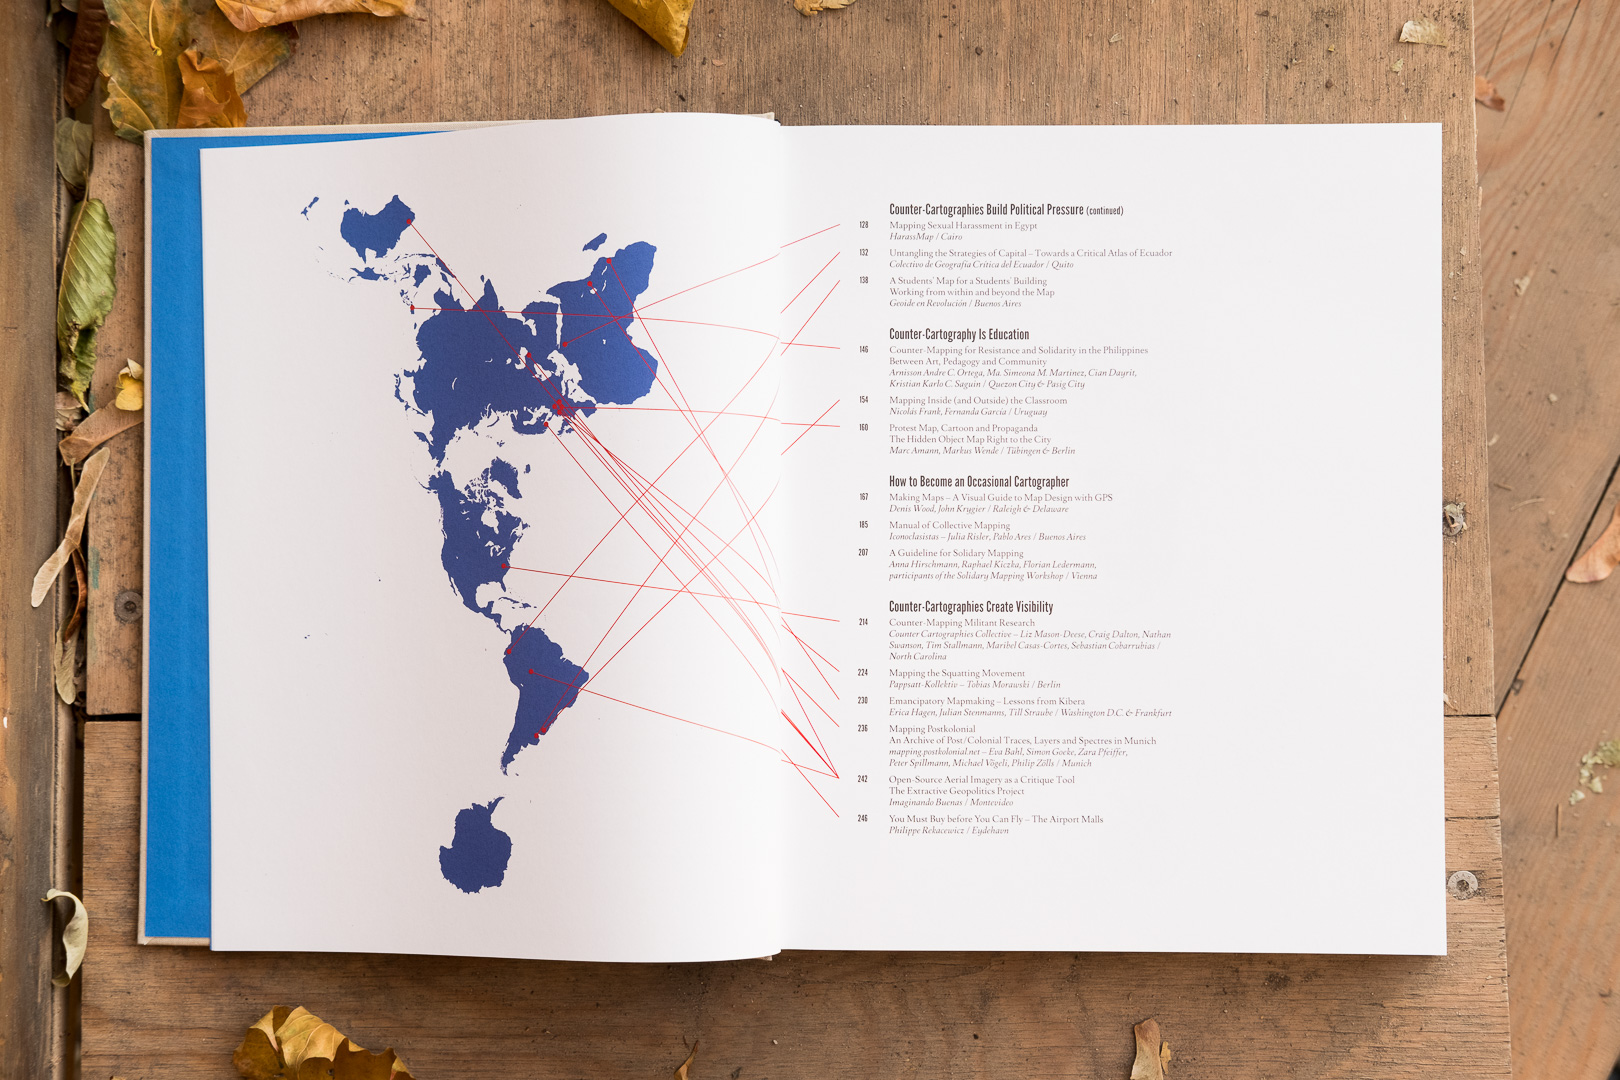 Inhaltsverzeichnis von This Is Not an Atlas